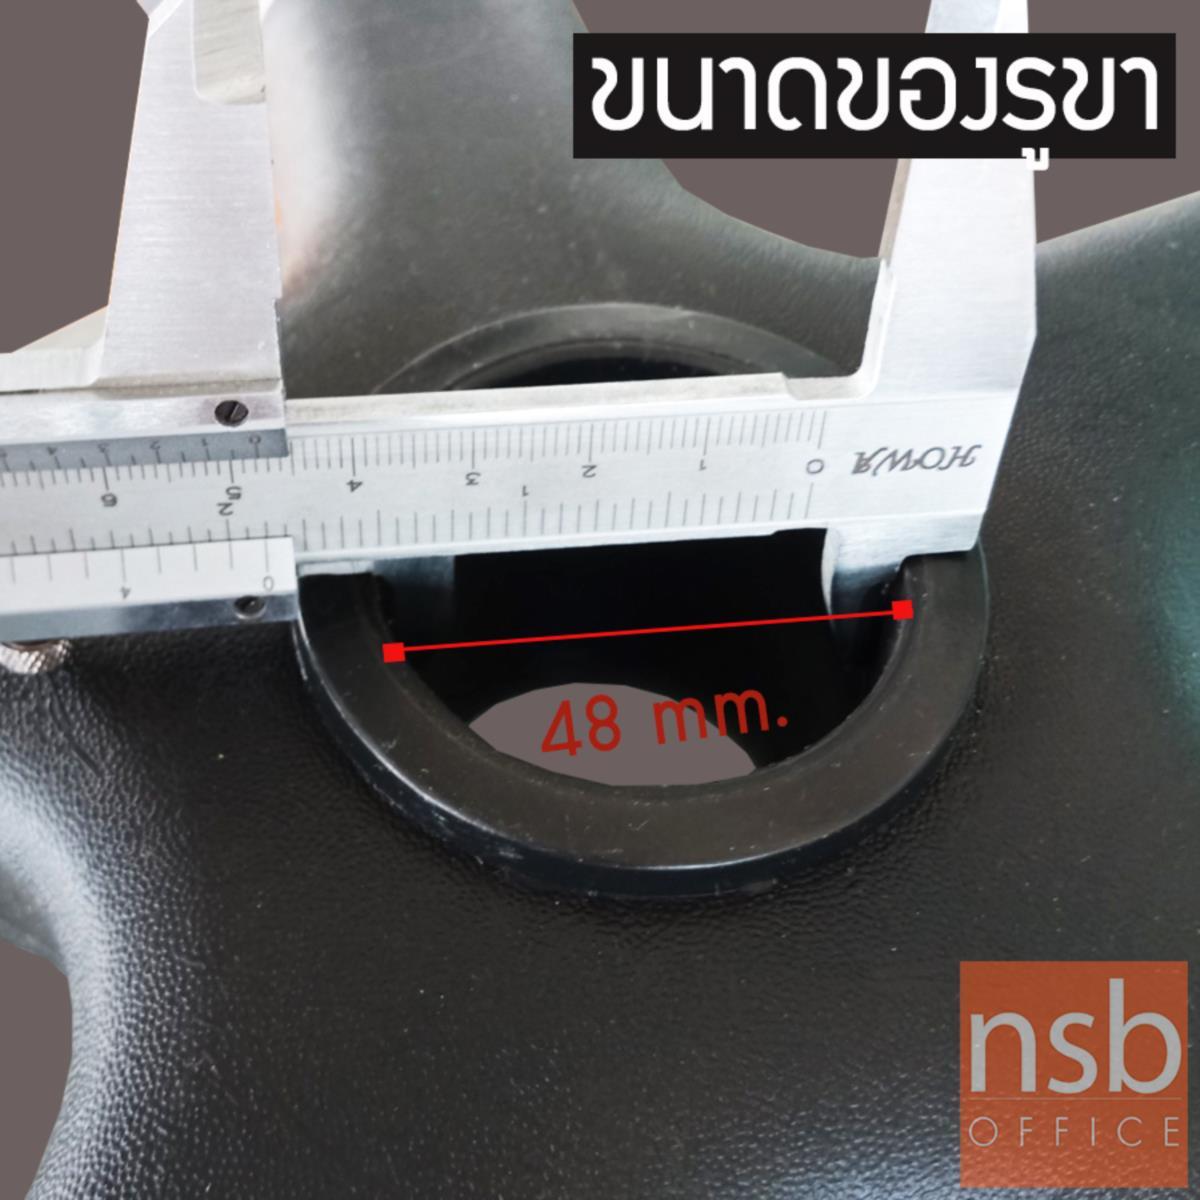 ขาเก้าอี้สำนักงานพลาสติกเนื้อพิเศษ PA   ขนาด 25 นิ้ว  ขาจุกแป้น ระบบ 2-in-1